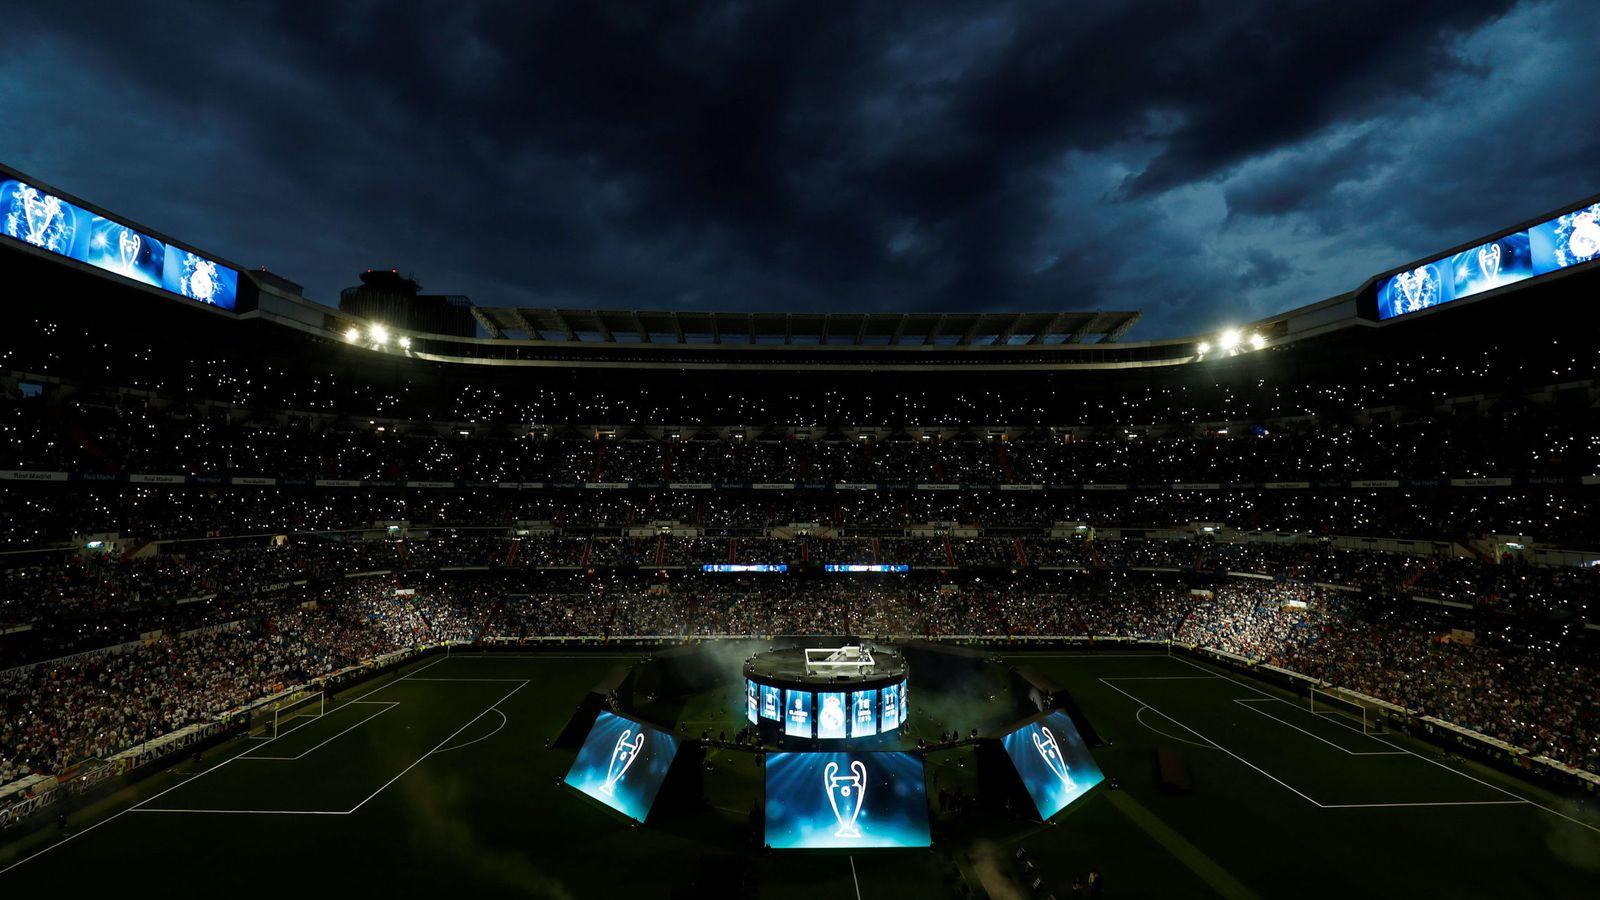 Real Madrid  Florentino ficha a un galáctico de las puertas frías para  reinventar el Bernabéu c8064a55ac481